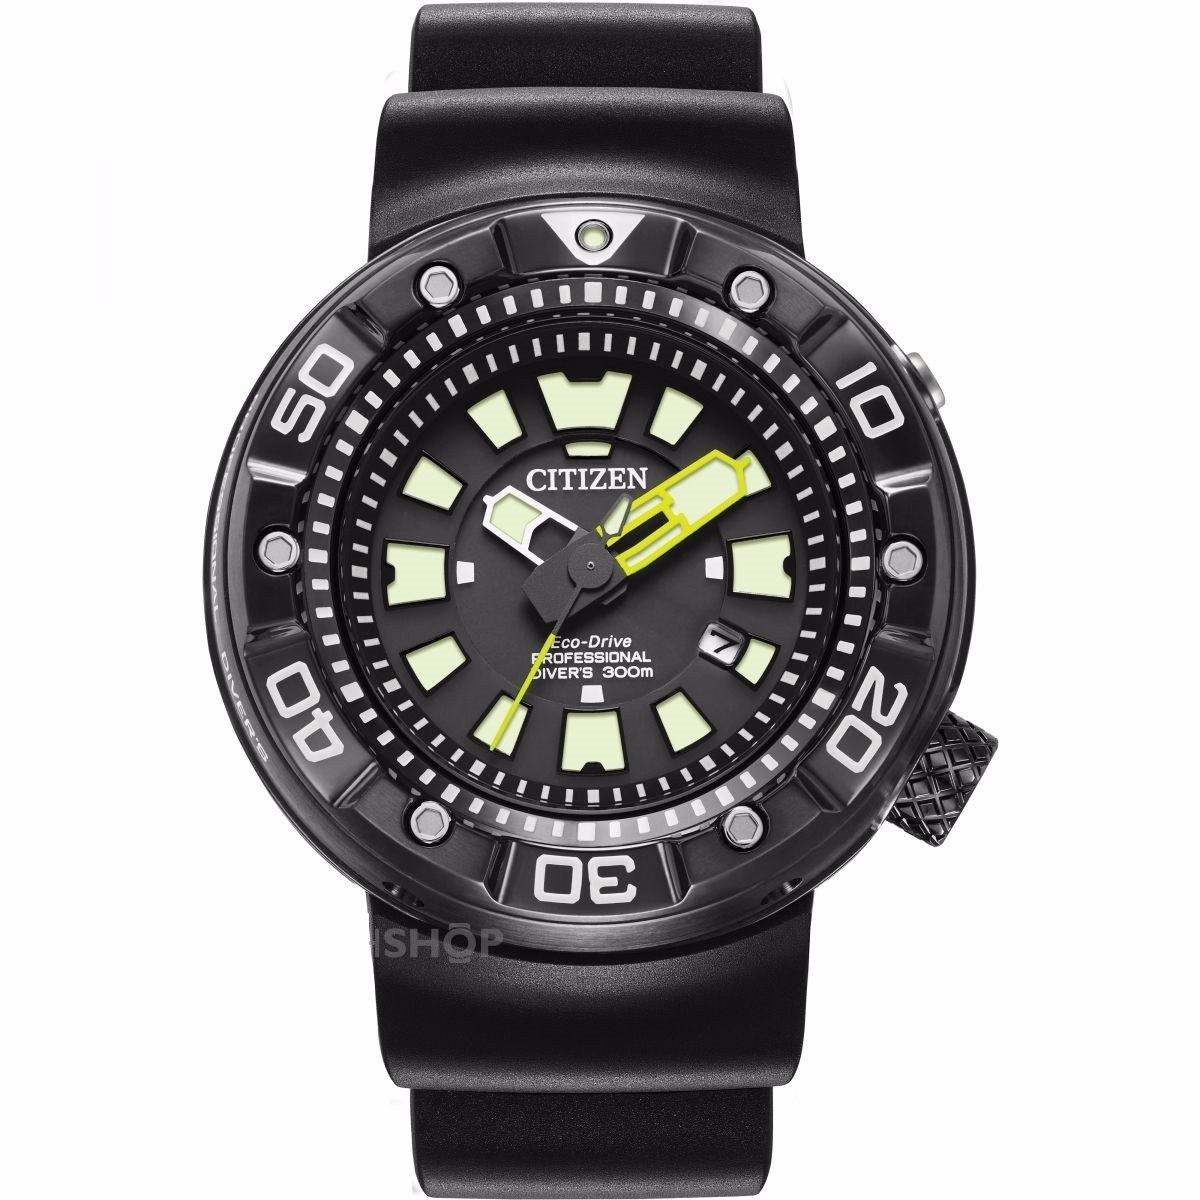 80d3c5f9897 relógio citizen eco-drive promaster diver bn0175-19e. Carregando zoom.